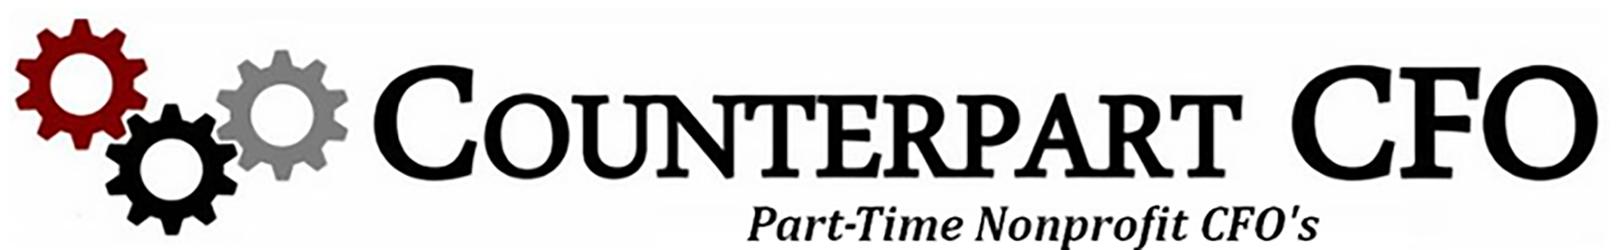 Counterpart CFO